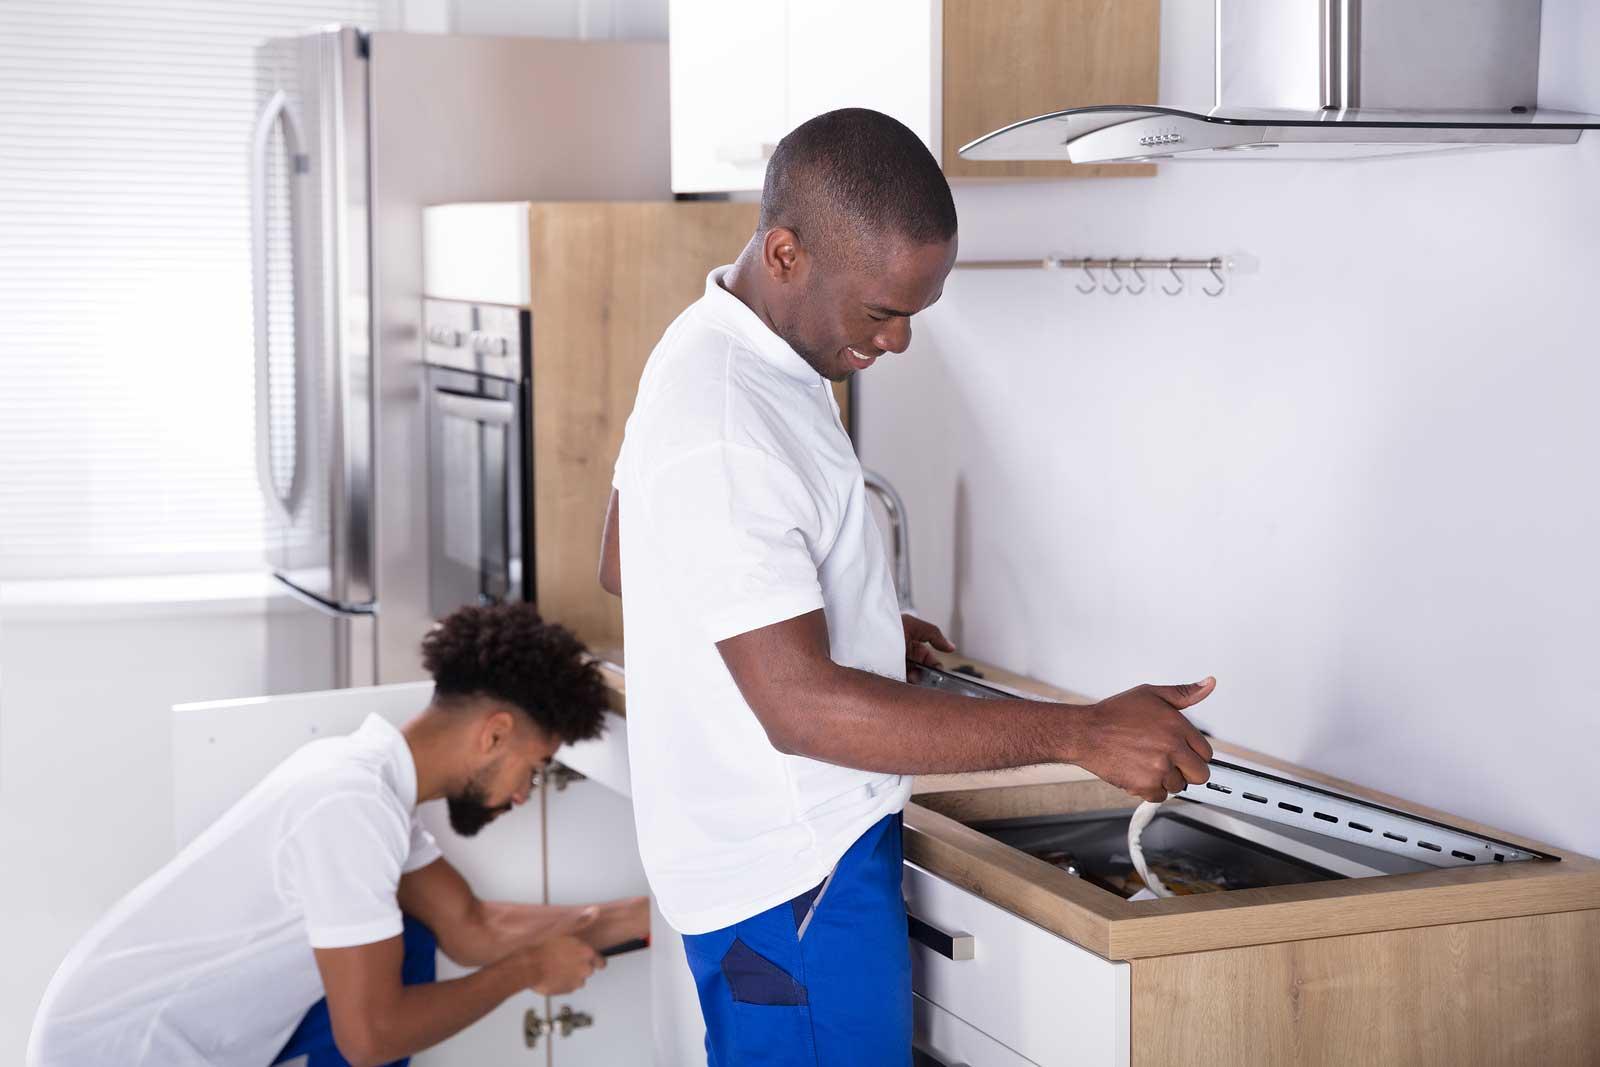 Deux hommes préparent une cuisinière pour l'entreposage